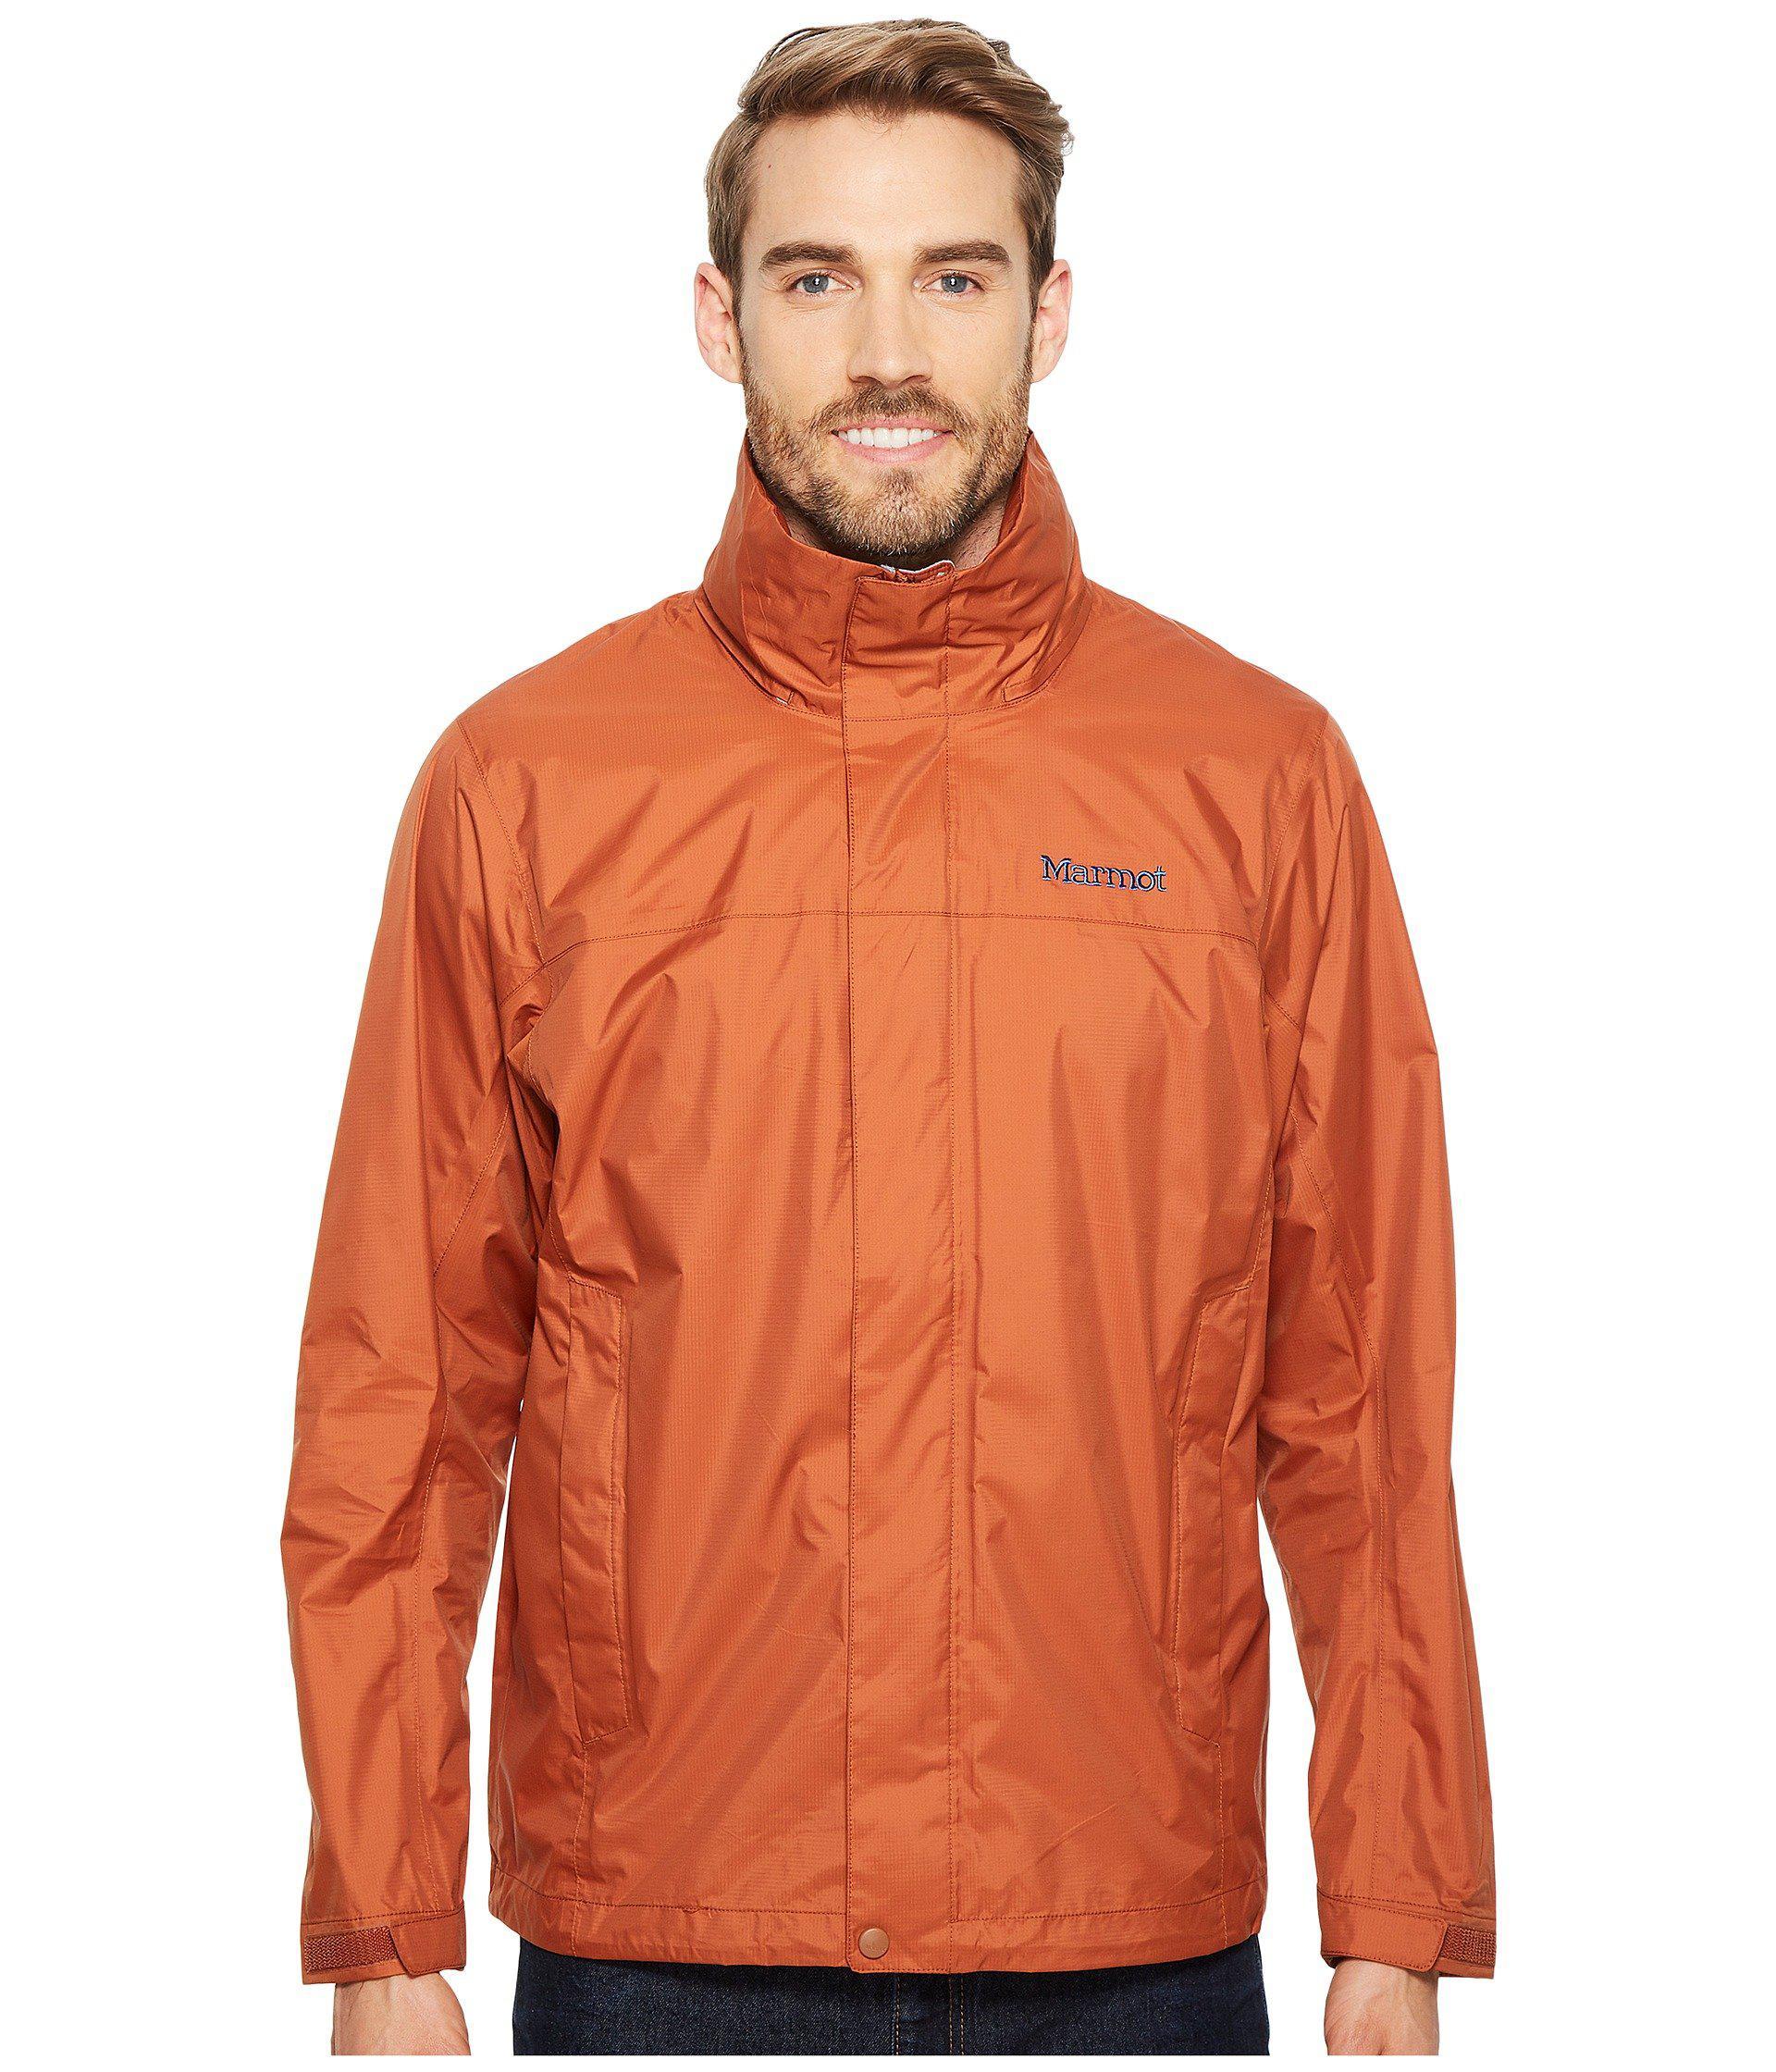 Marmot Precip Jacket In Orange For Men